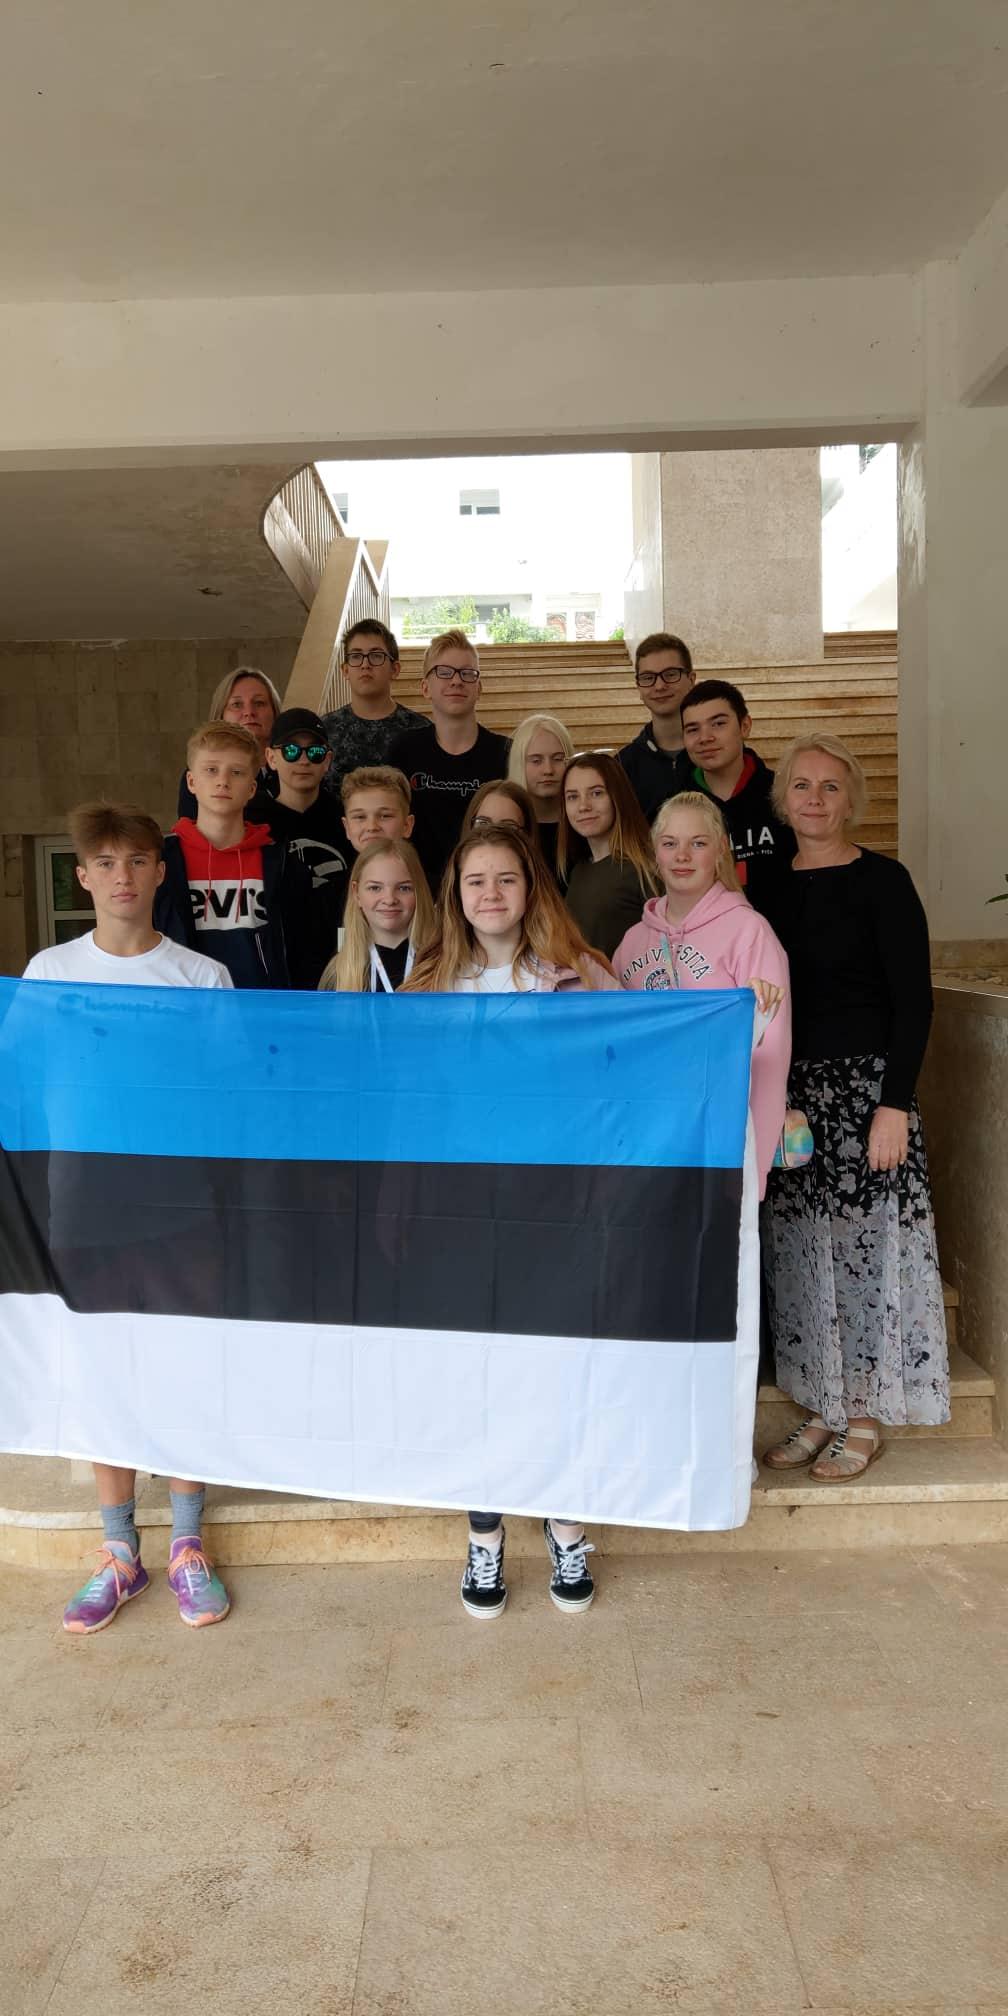 Rahvusvaheline laager Horvaatias